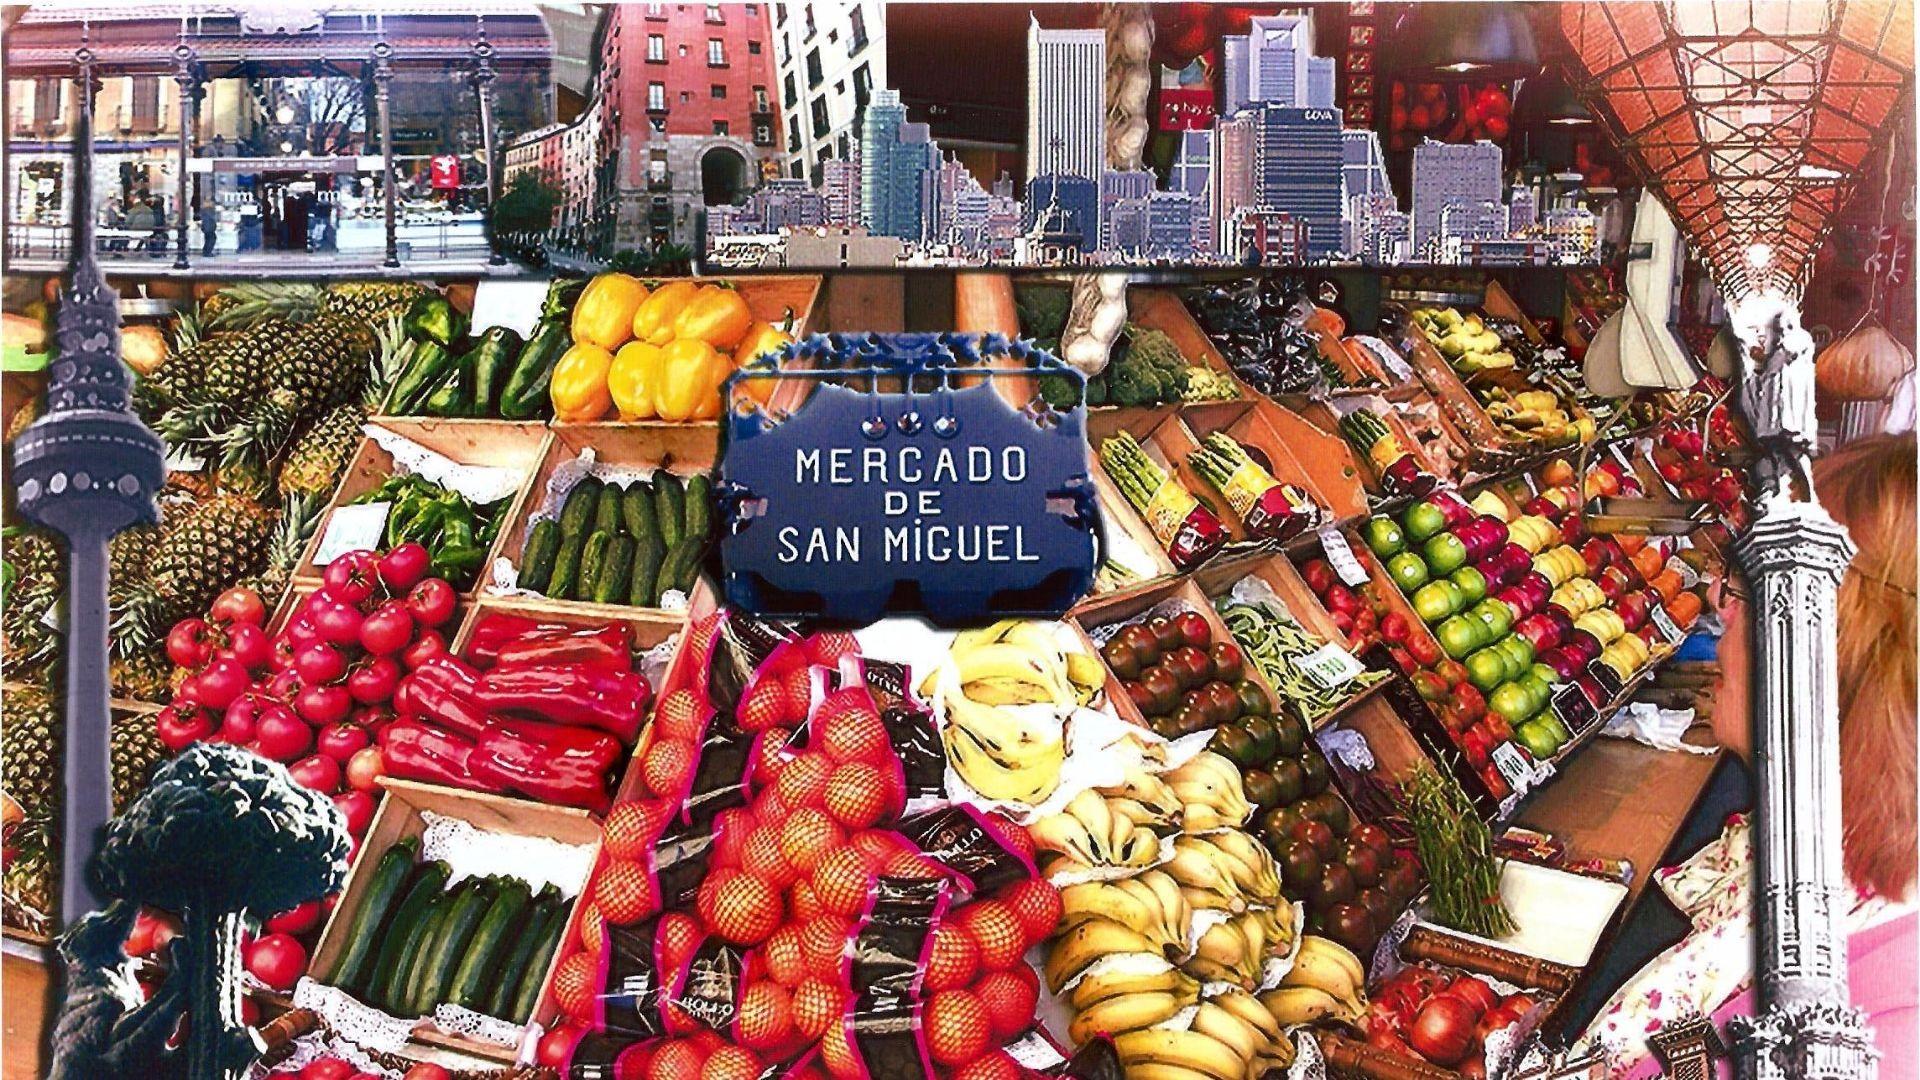 Fruteria Mercado de San MIguel